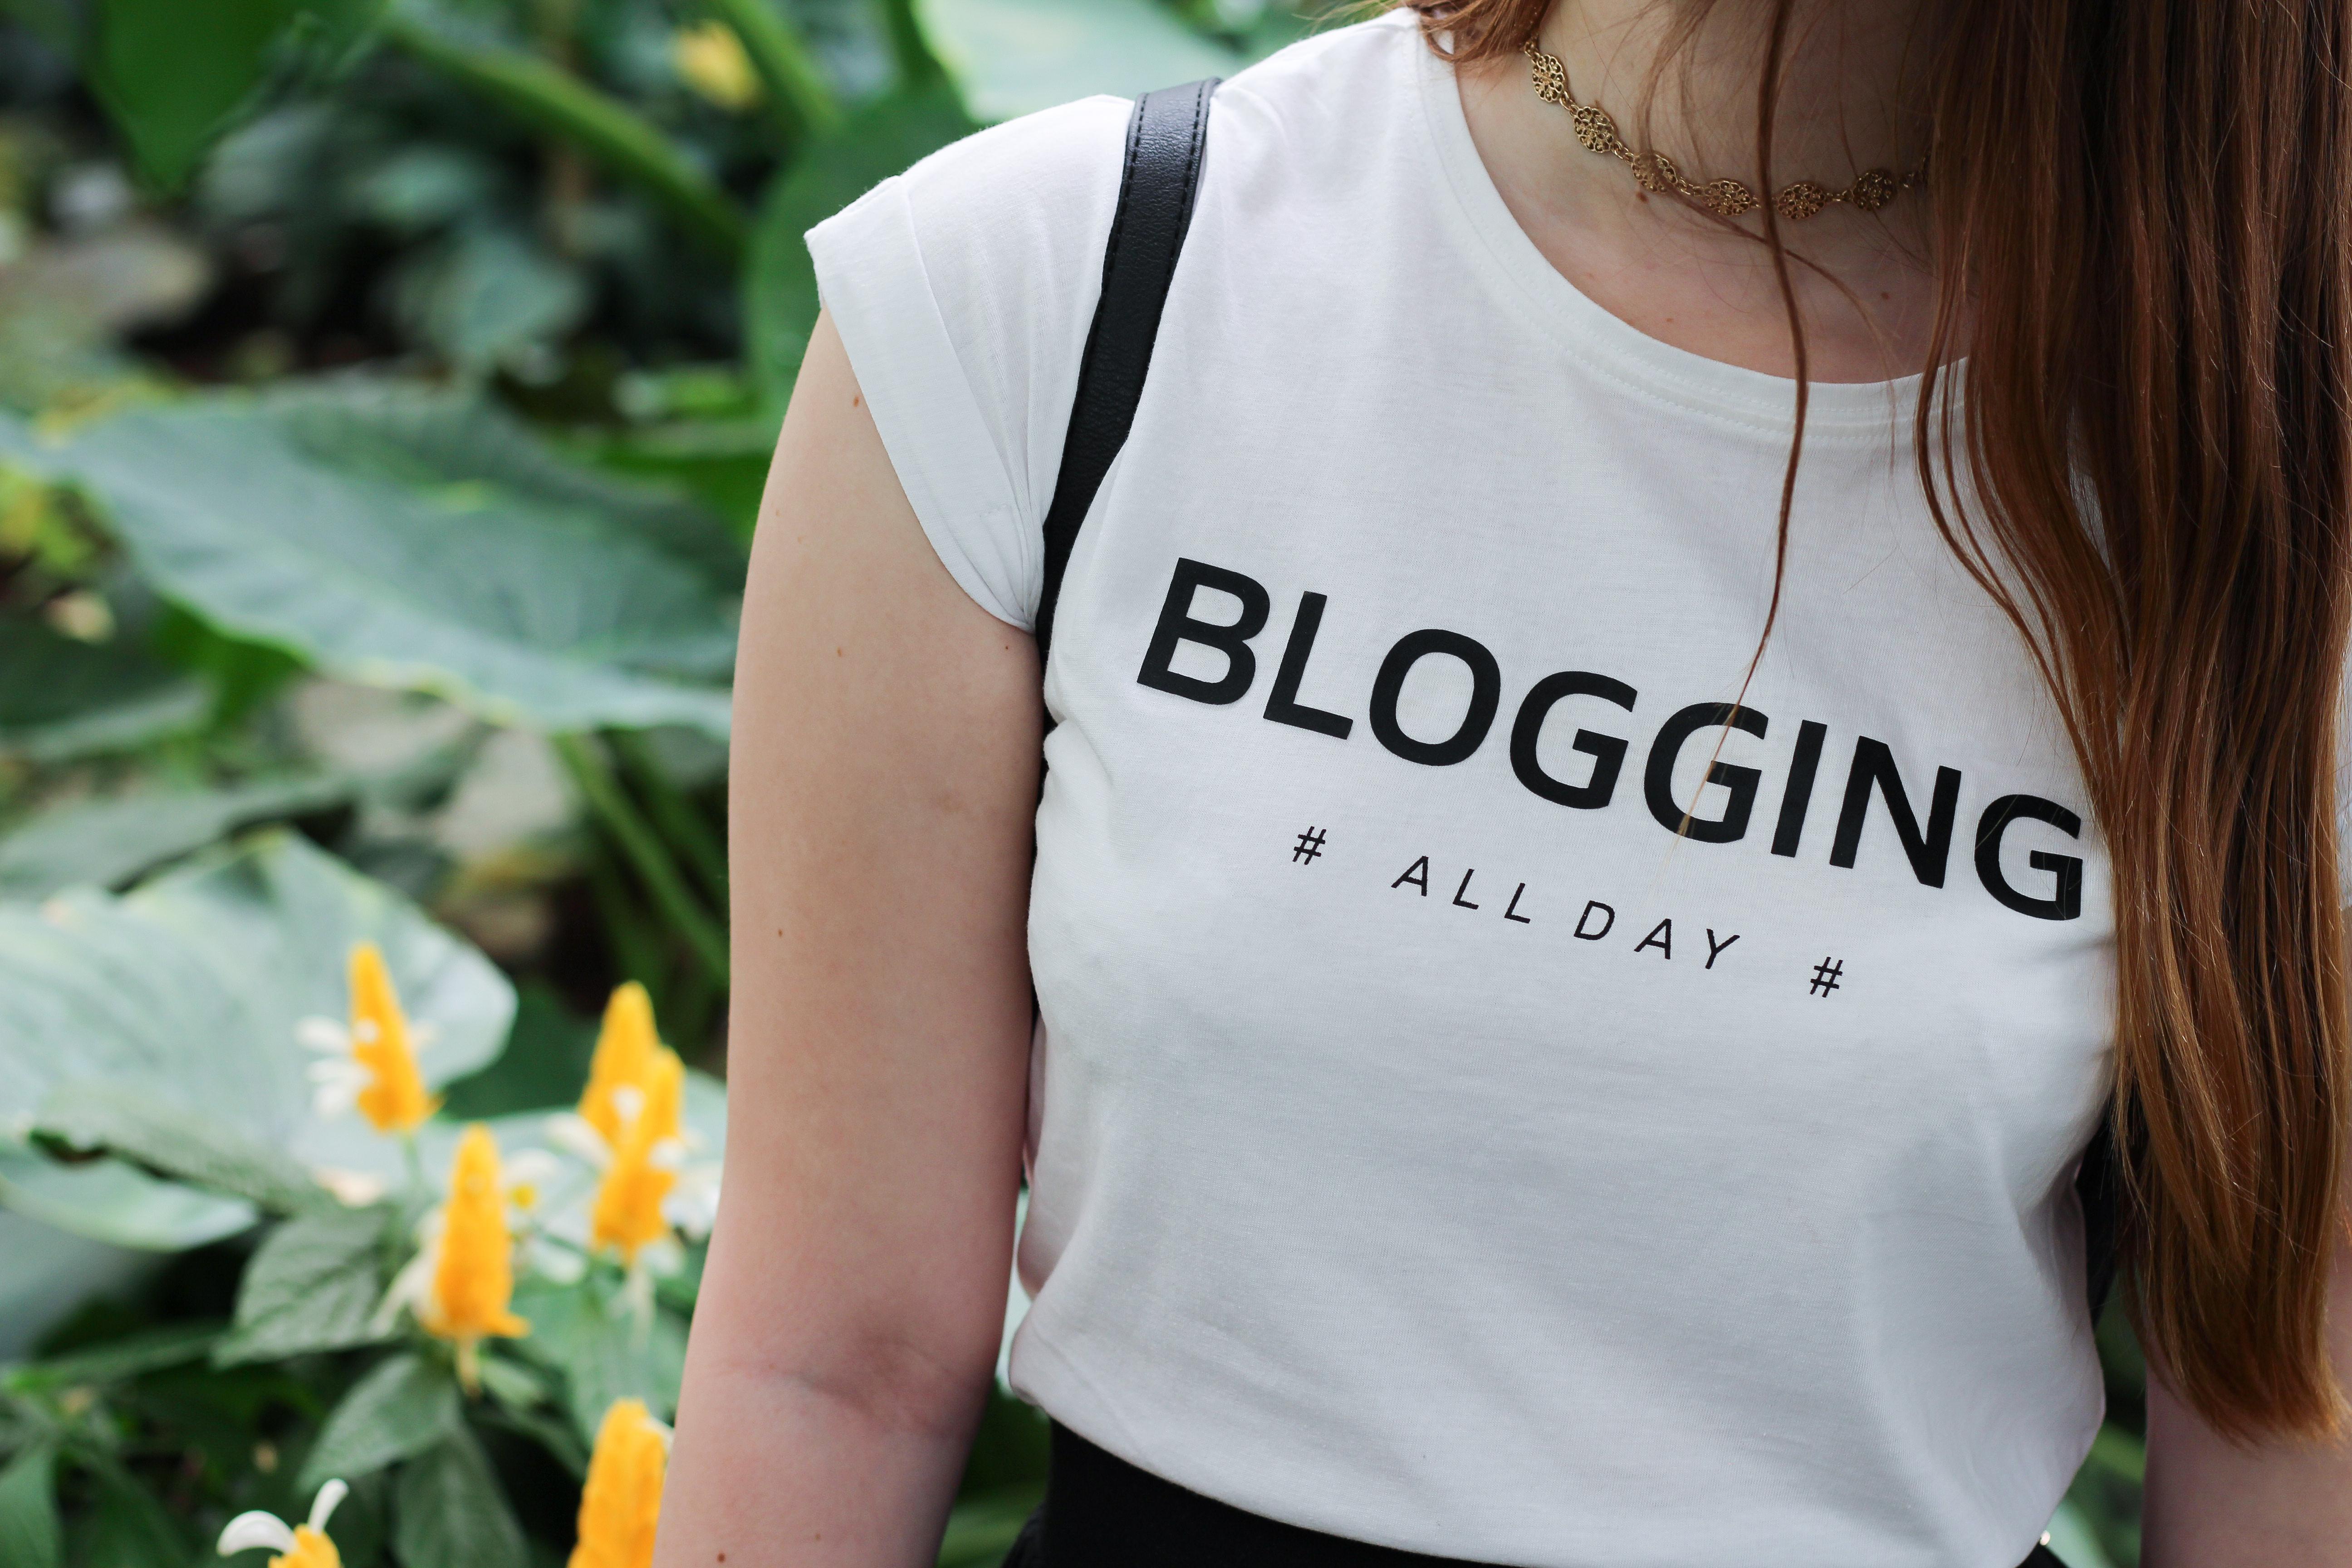 botanic garden blogger outfit plated skirt white tshirt